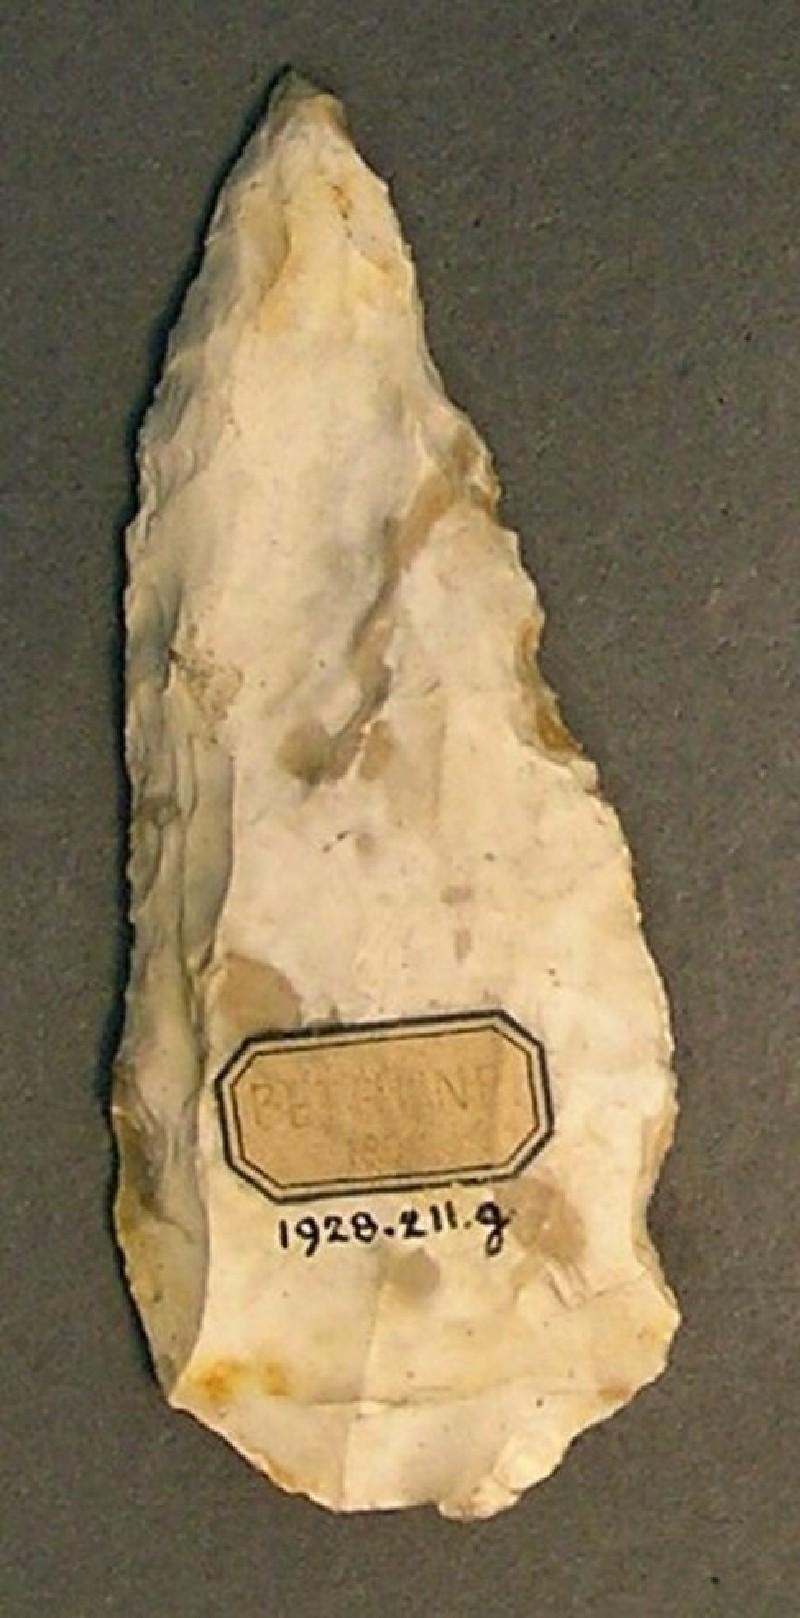 (AN1928.211.g, record shot)